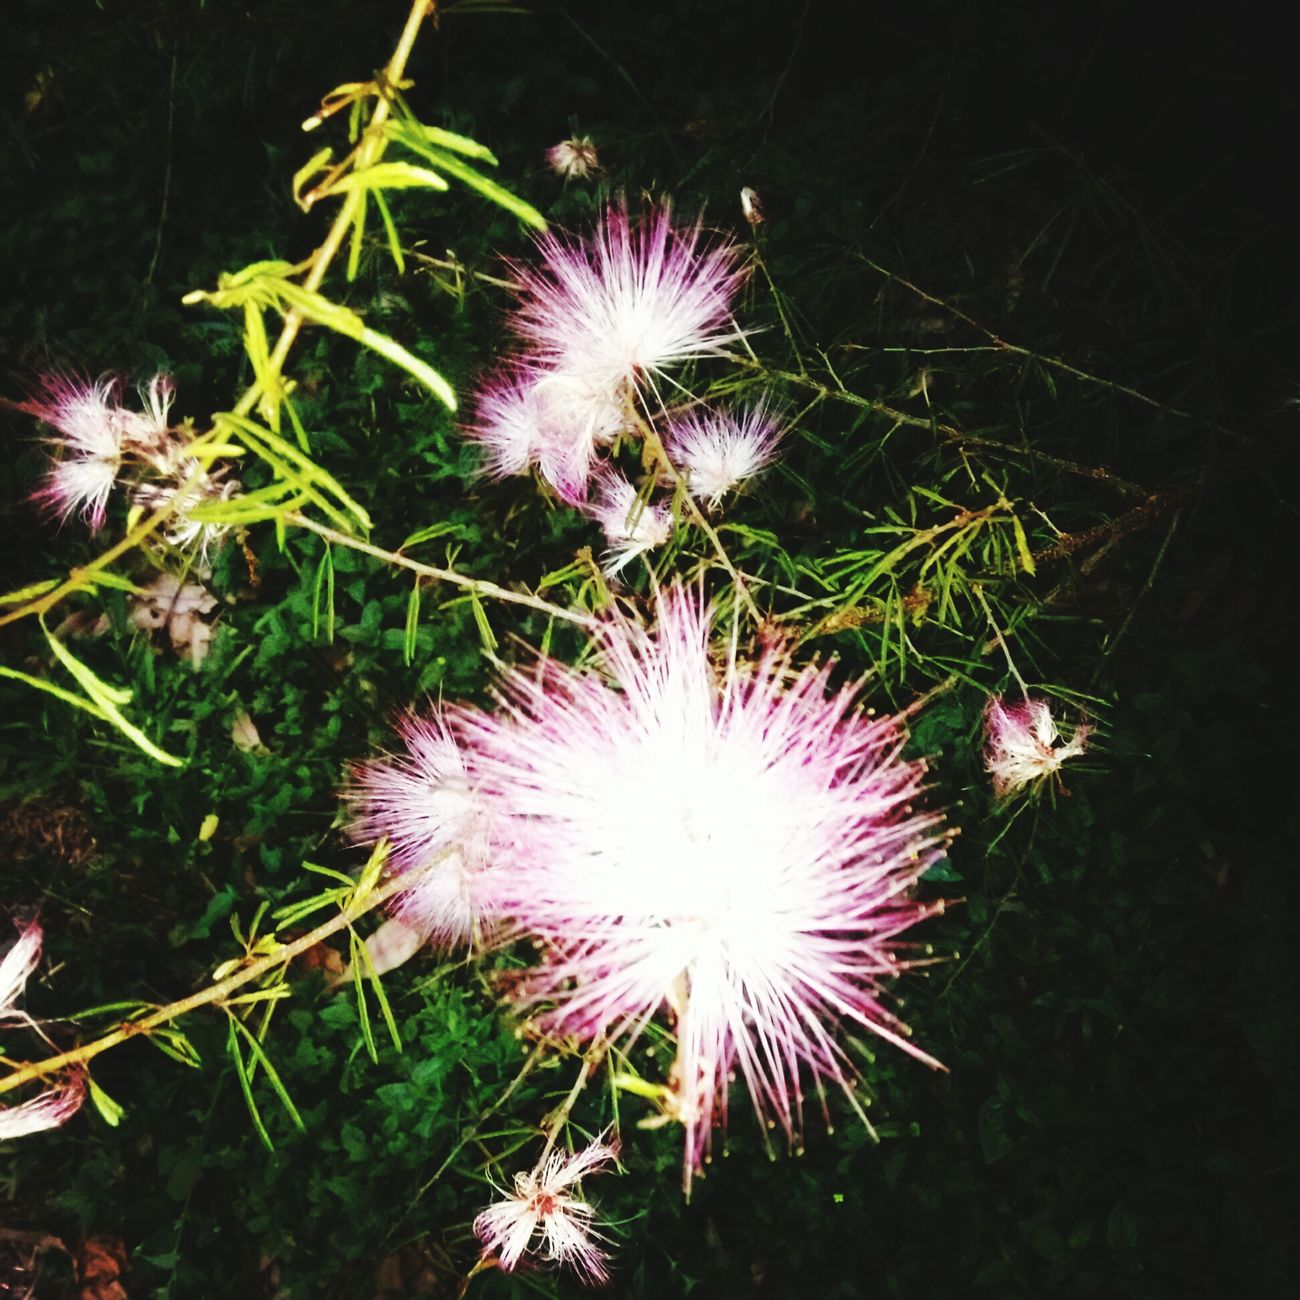 Maravillas De La Naruraleza Picking Flowers  Flowers Nature Flores Brazil Flowers